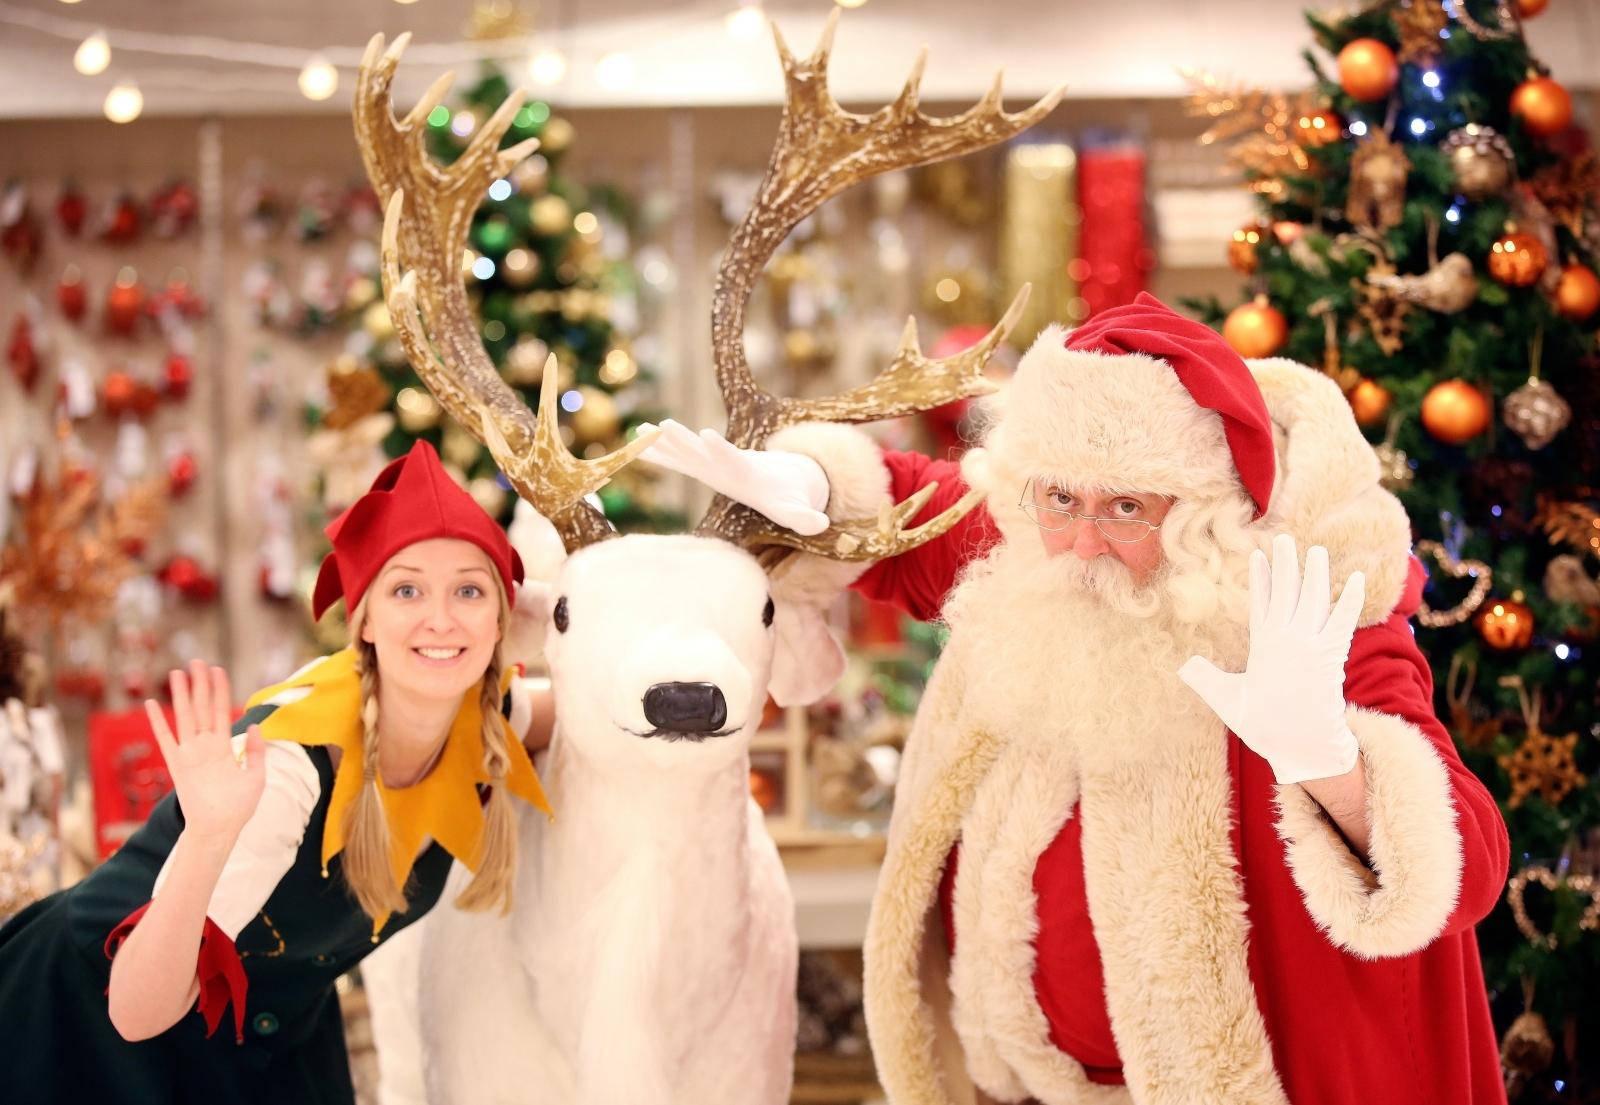 Christmas shopping retail staff